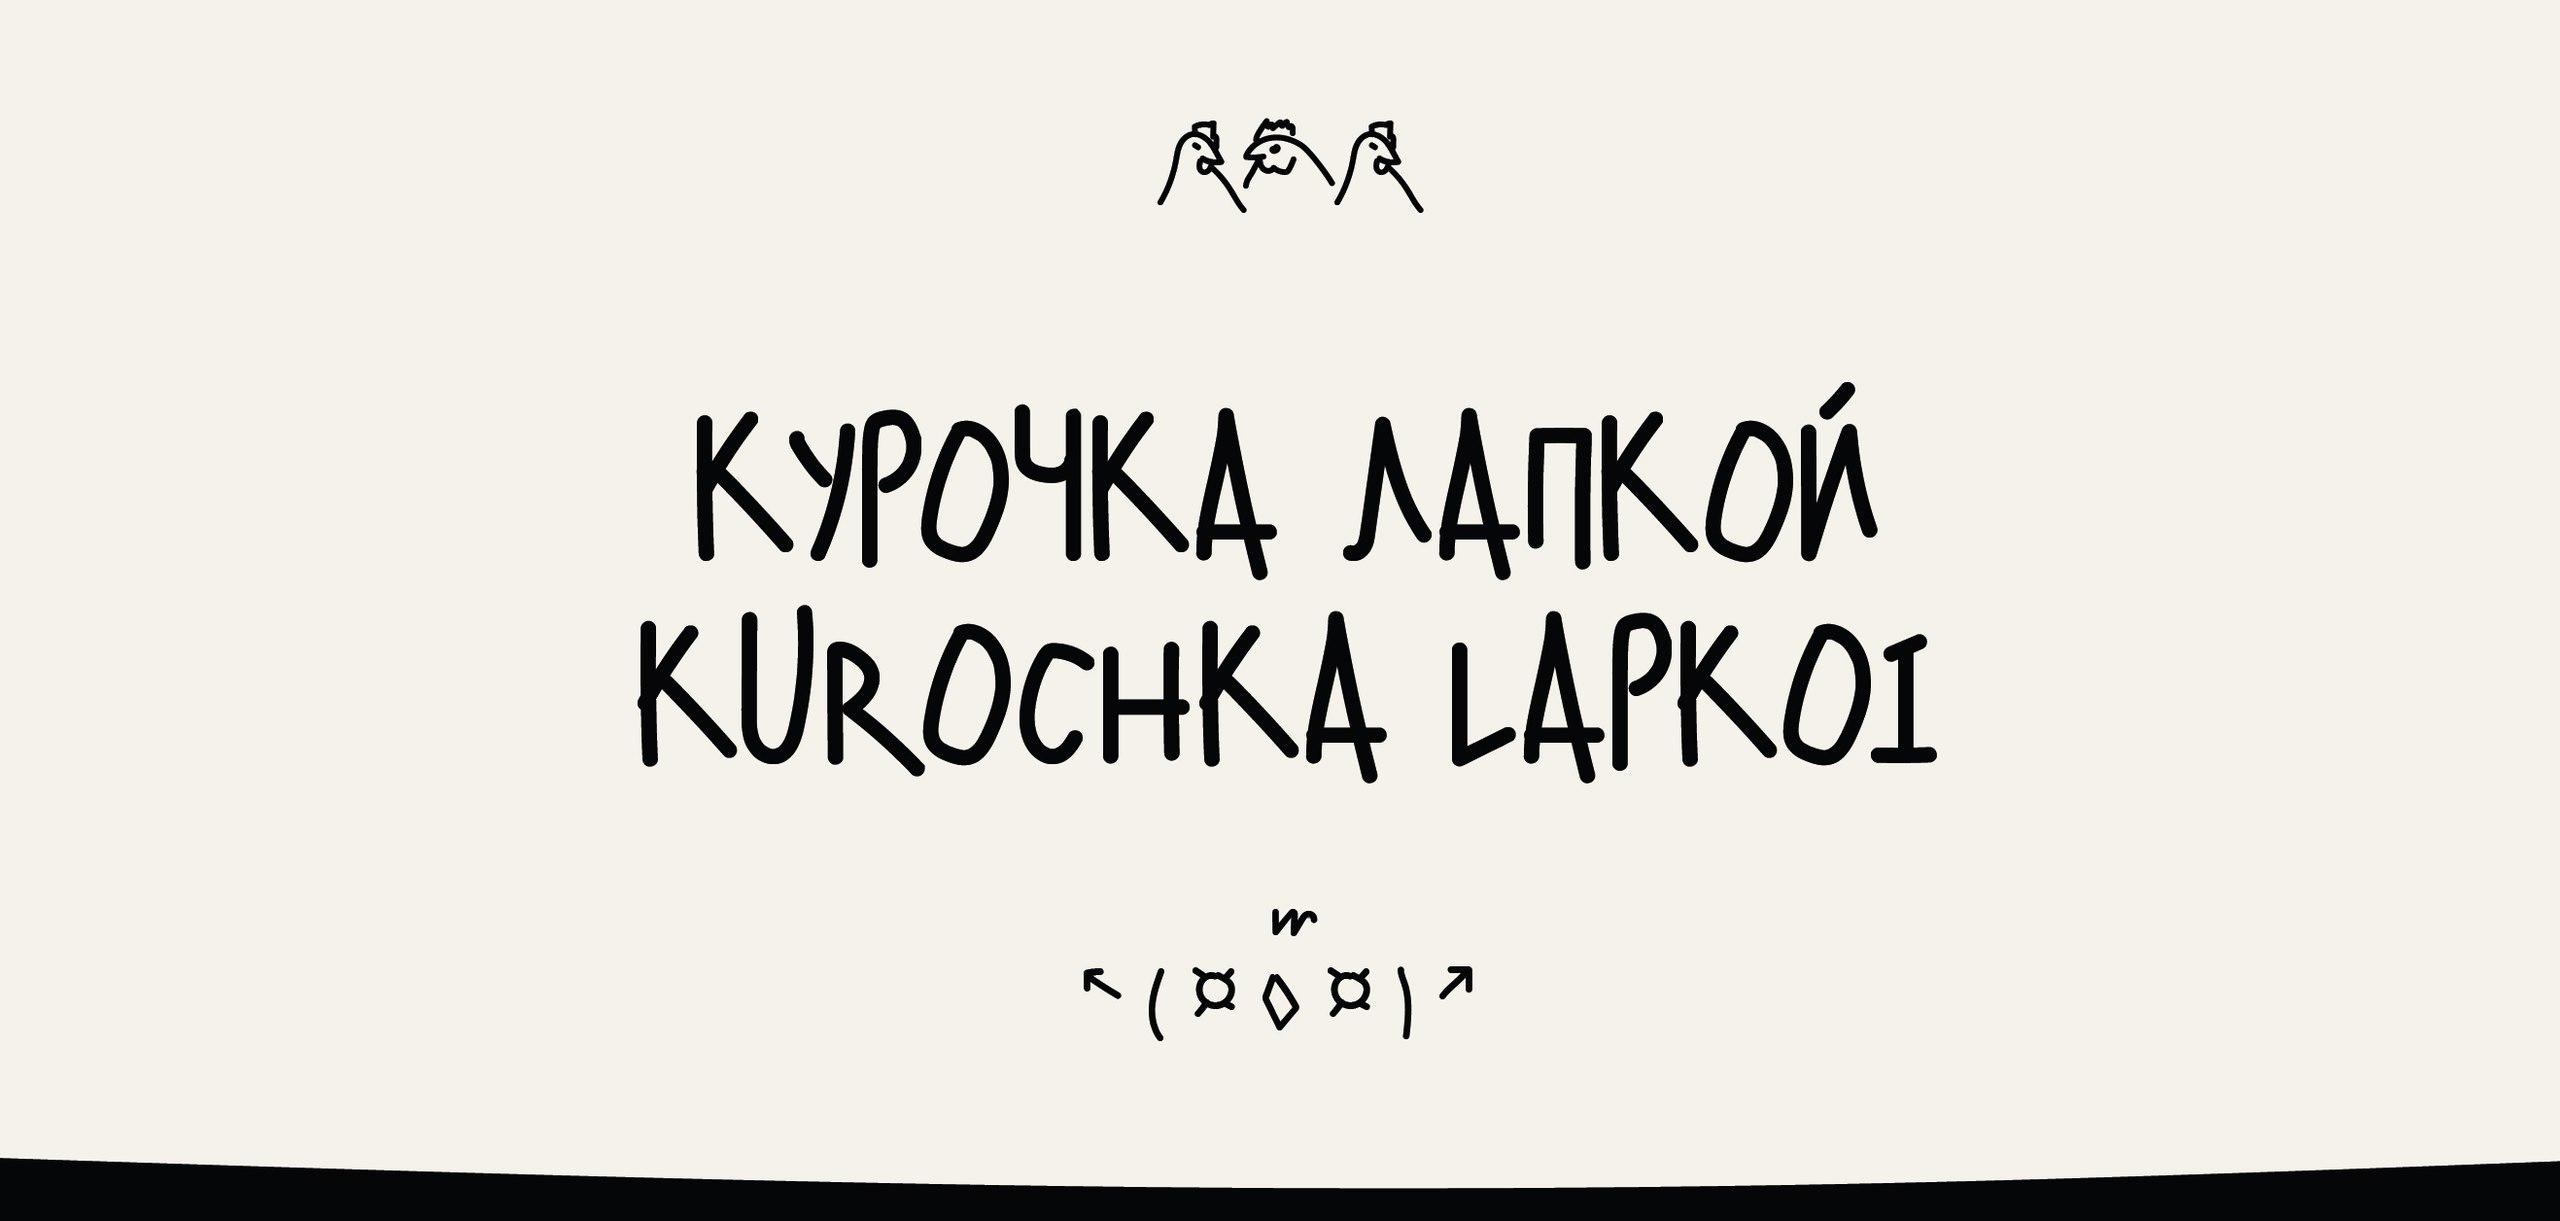 Kurochkalapkoi手写卡通随意英文字体下载